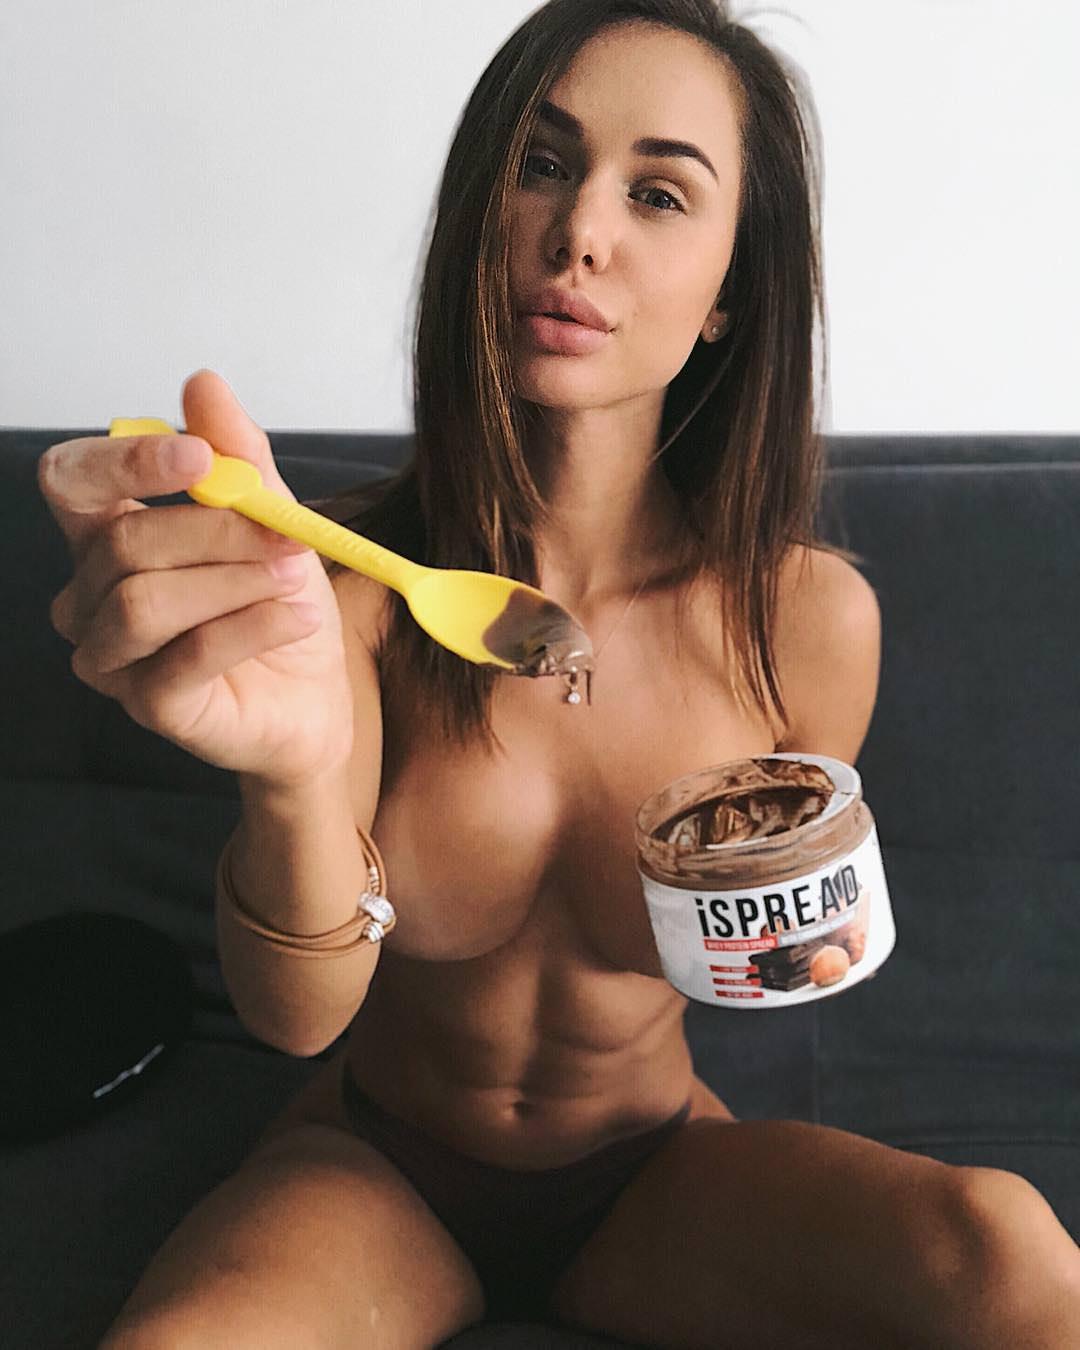 Jenny.m.hanna Nude